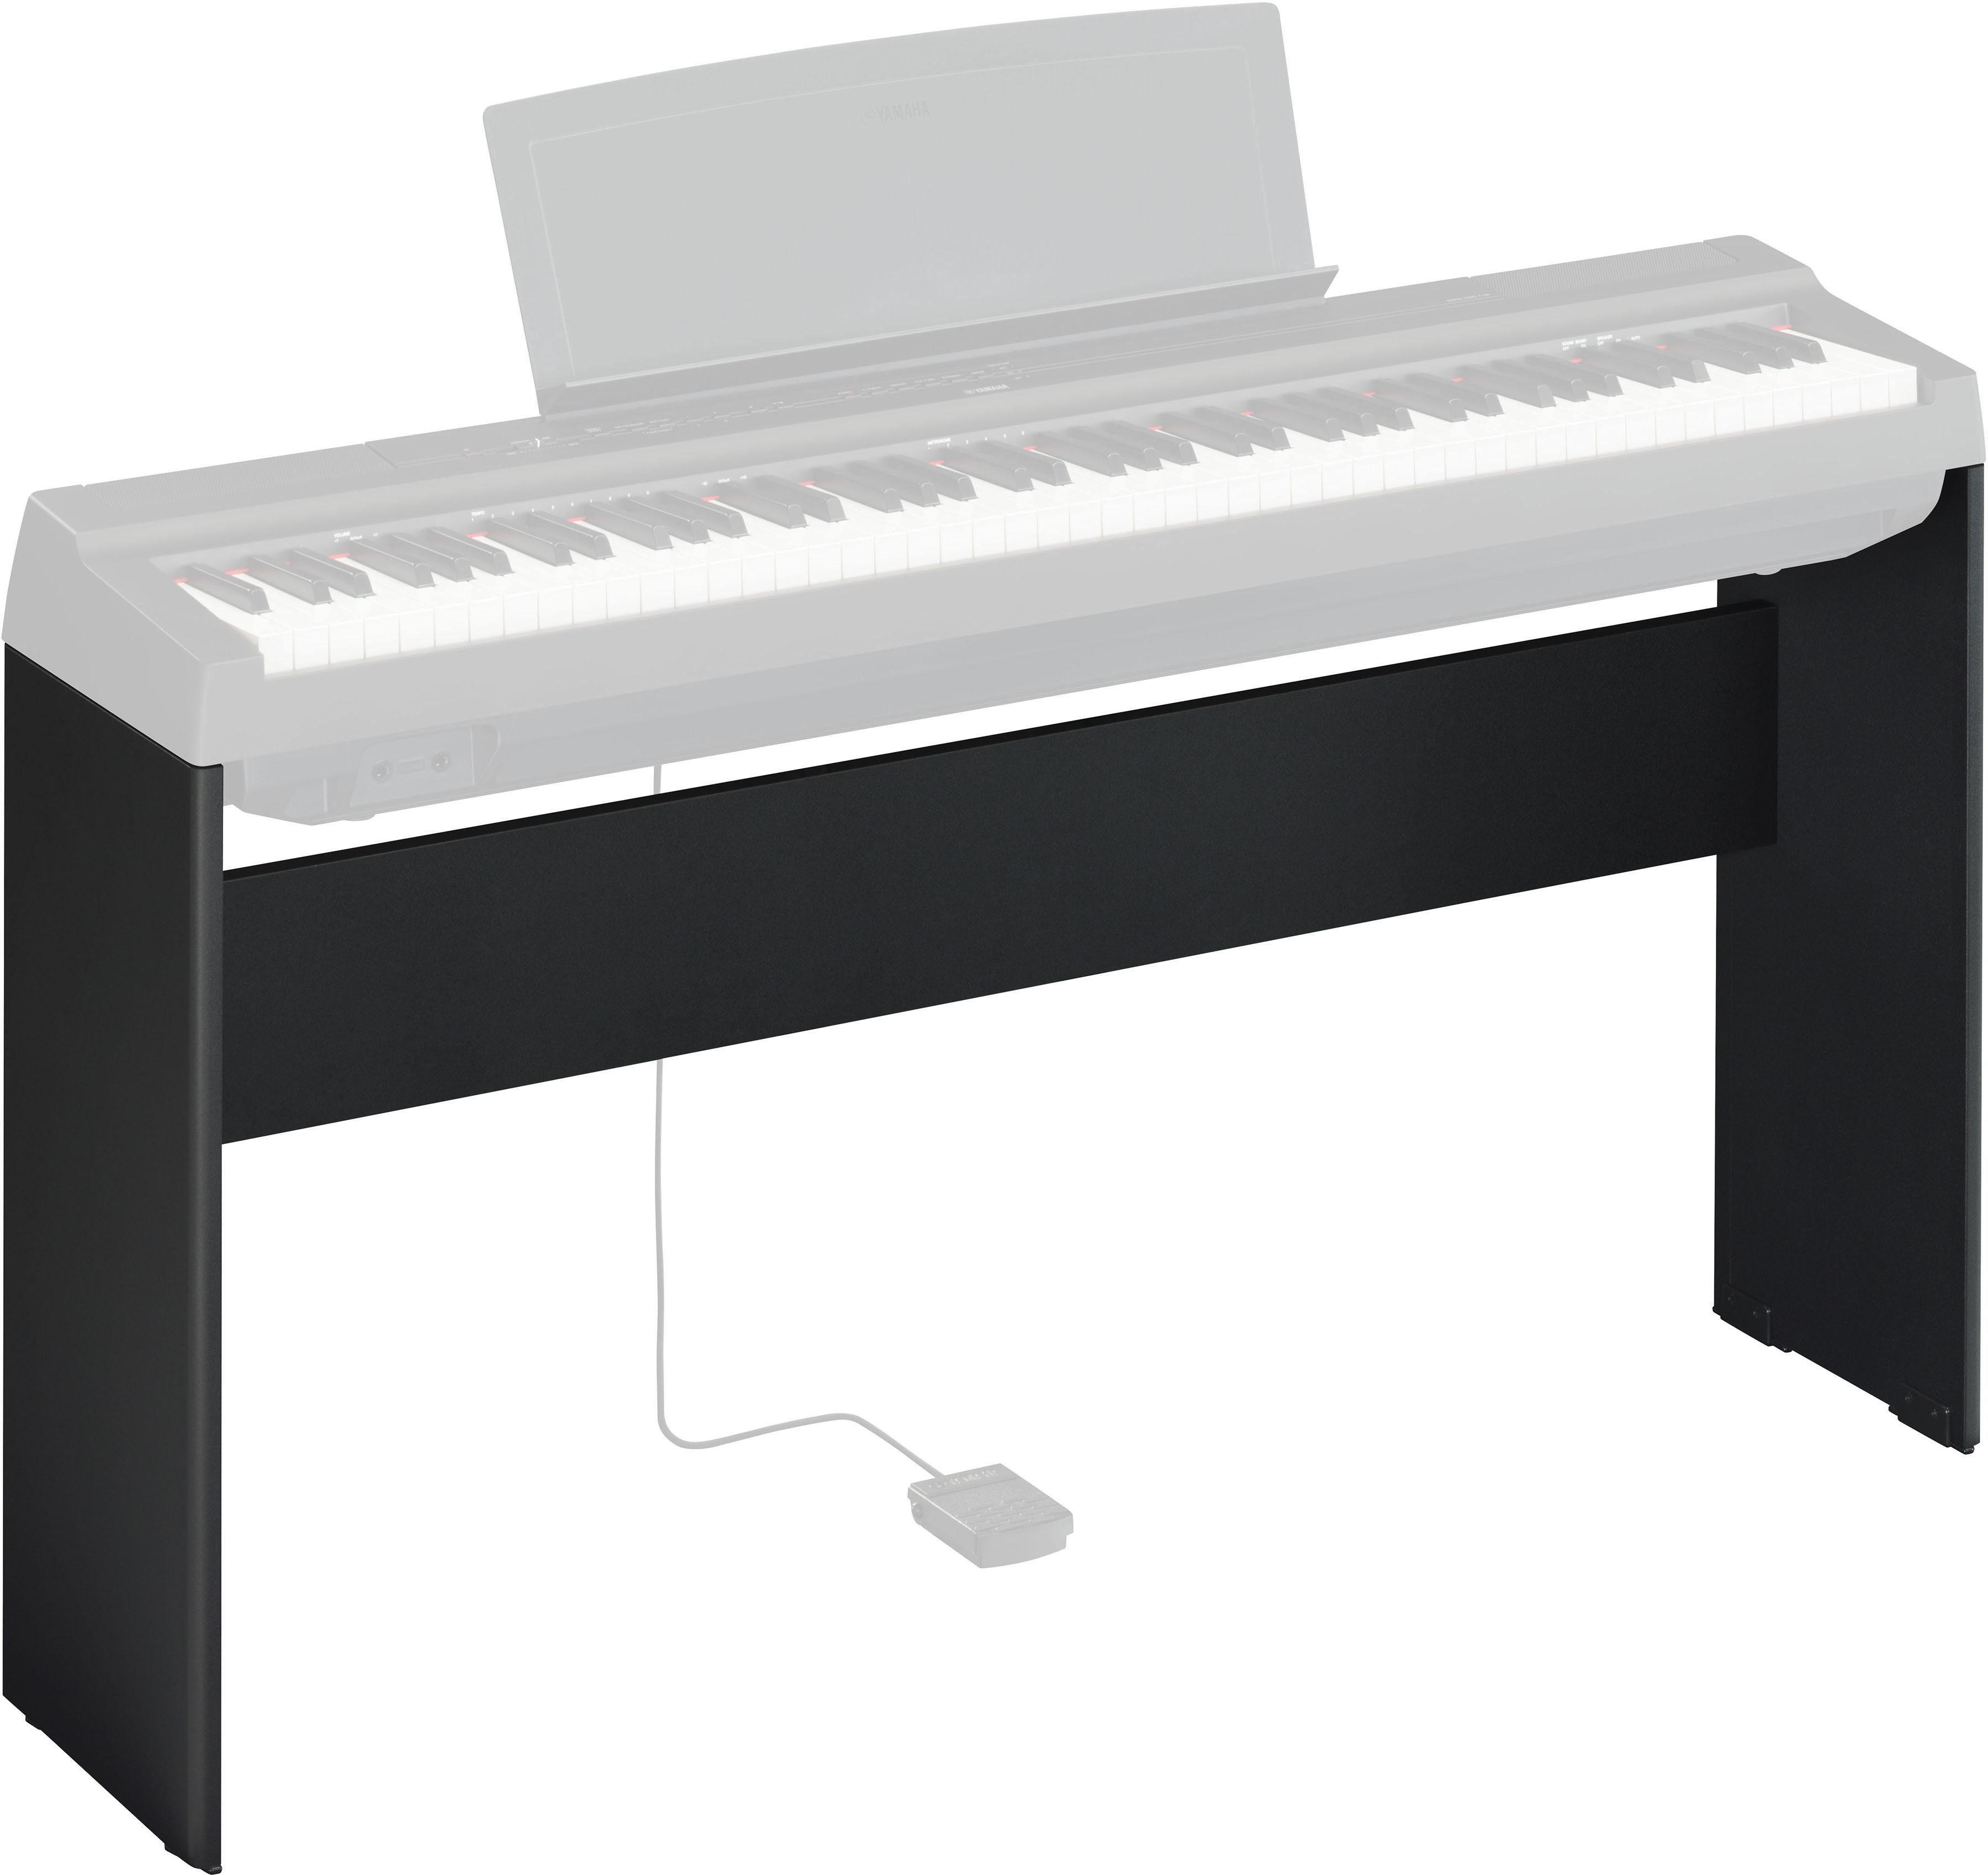 Yamaha Ständer für Digital Piano, »L-125B«